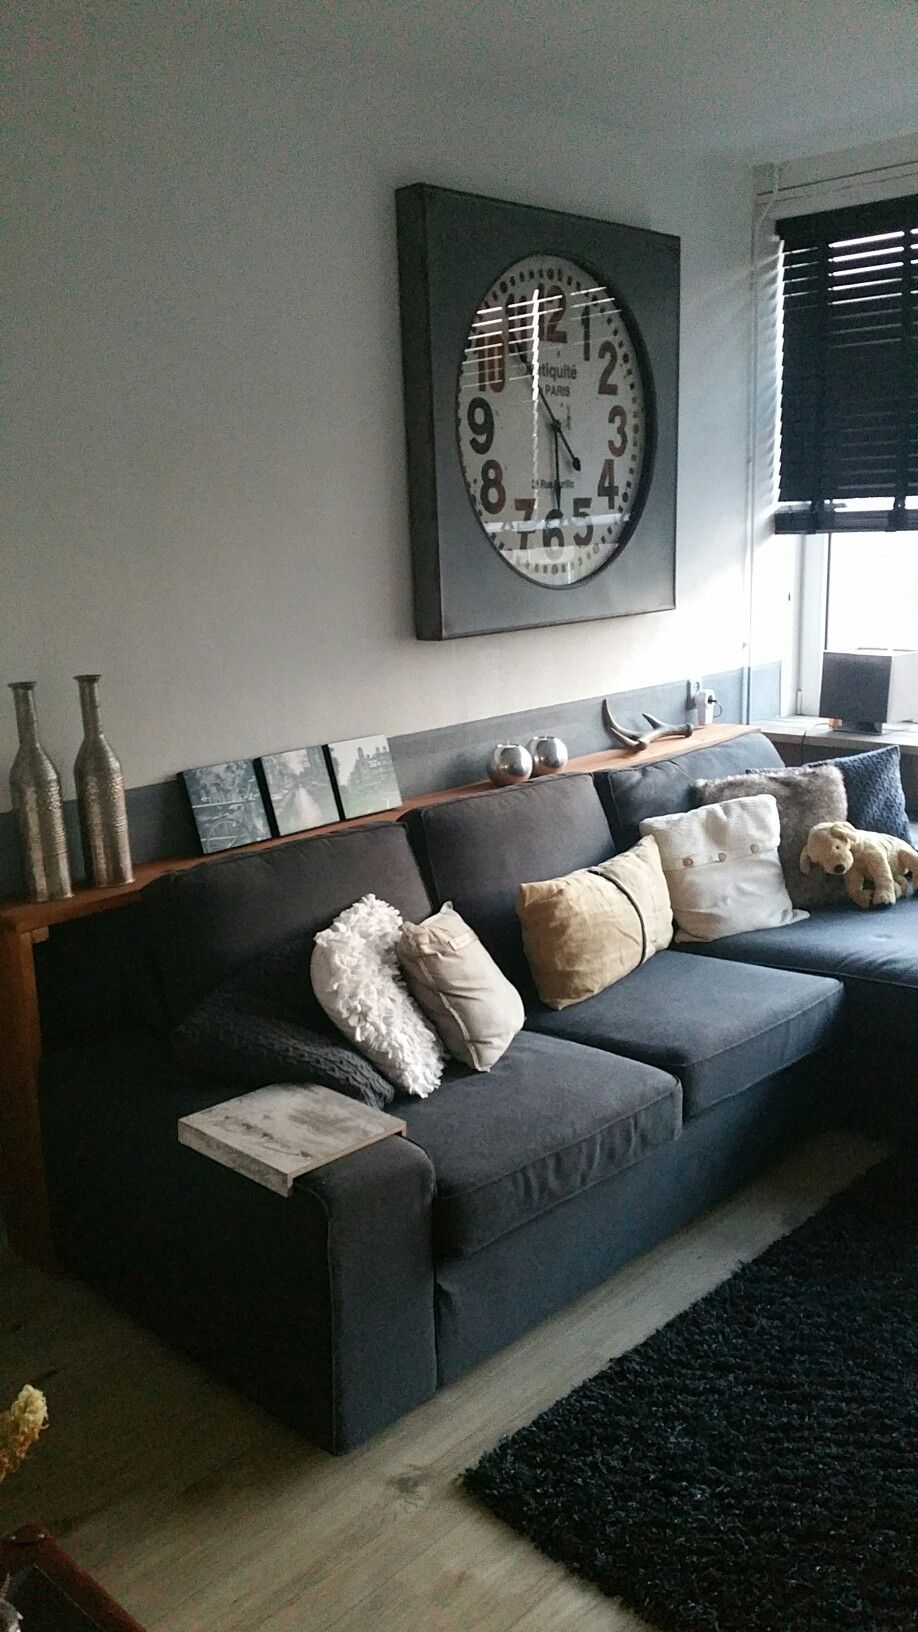 Iets Nieuws Sidetable achter de bank | interier in 2019 - Living room decor @DS64